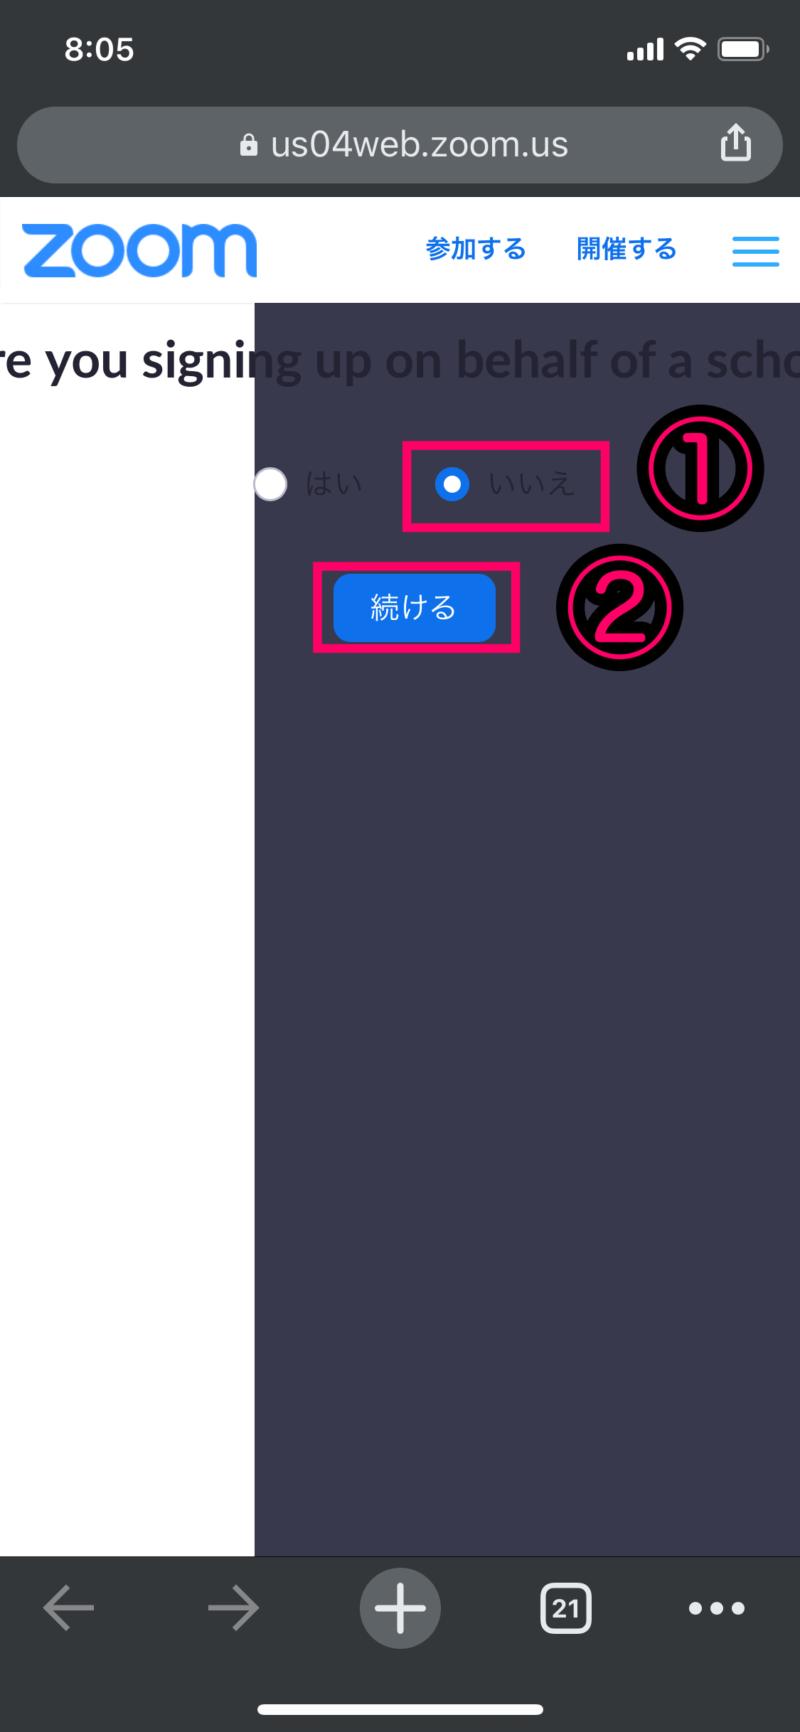 スマホアプリ版ズームで新規登録する方法06